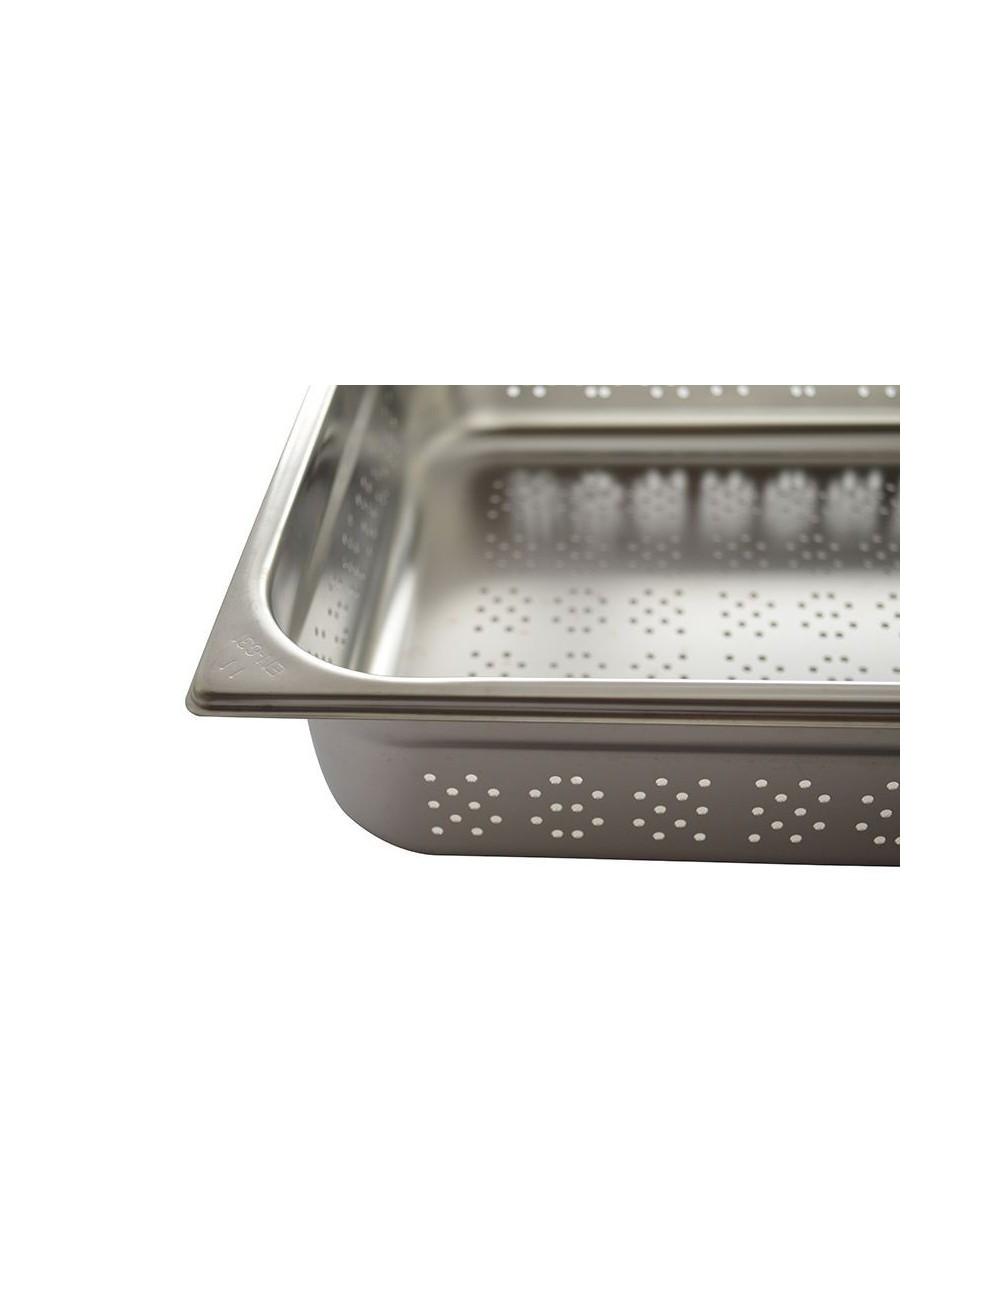 Bac gastro inox perfore 1 3 materiel de cuisson for Bac de cuisson inox